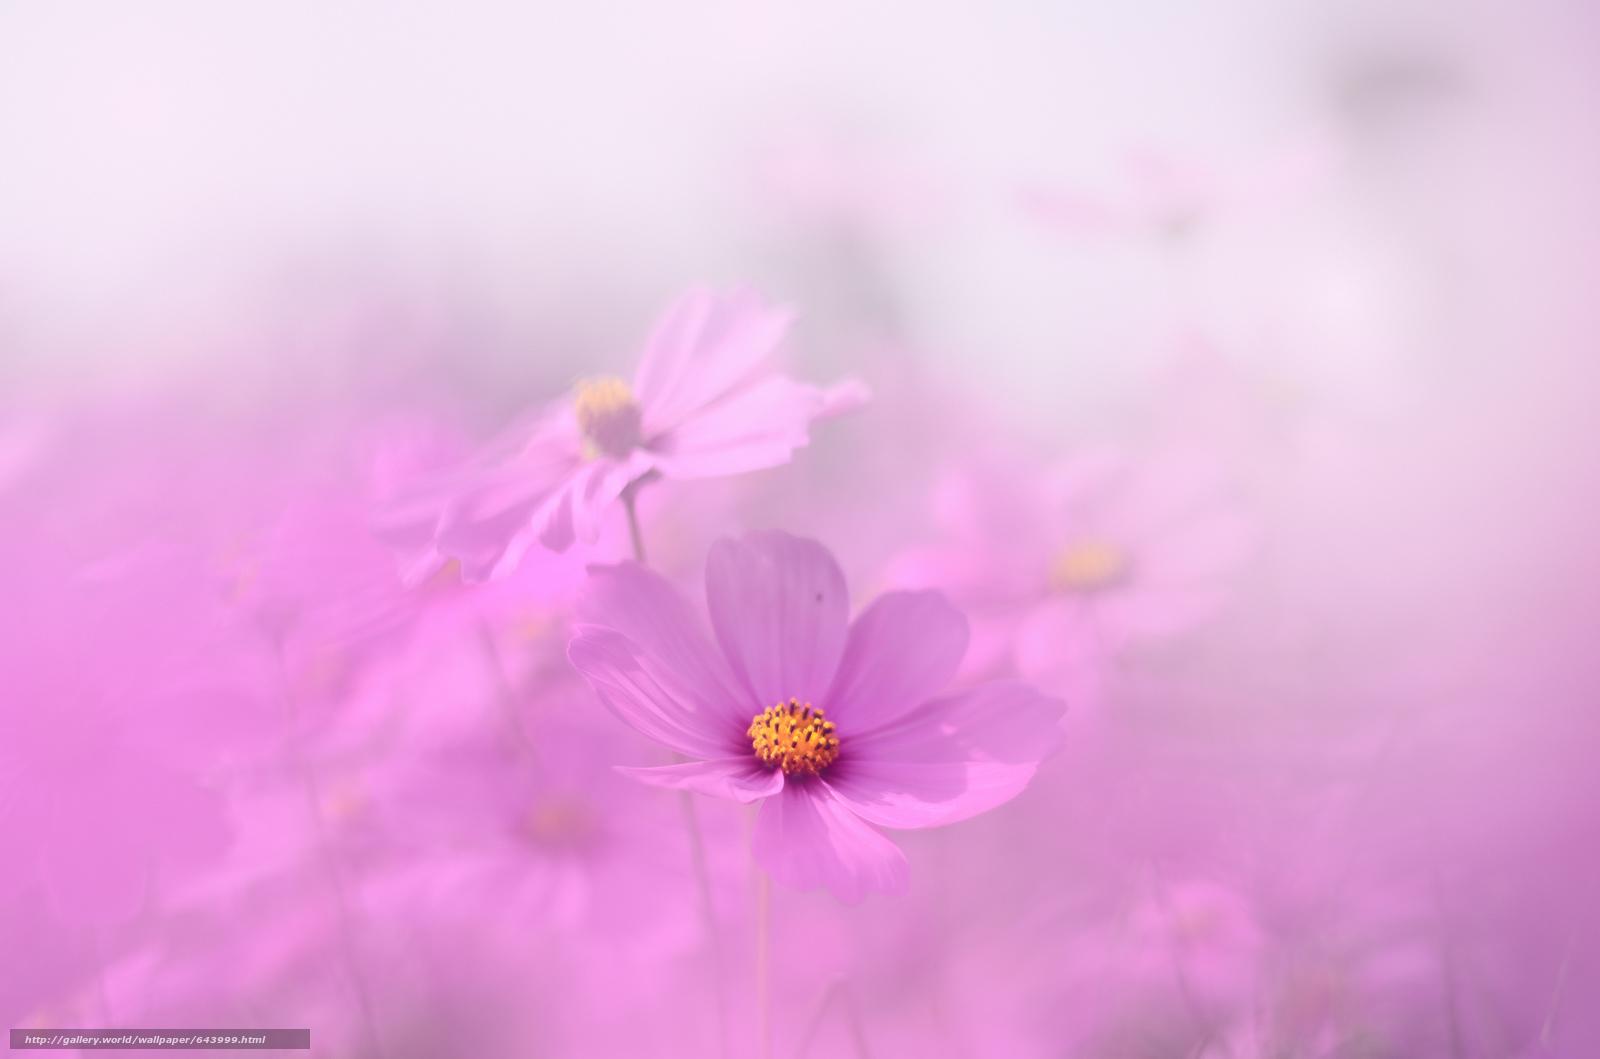 Tlcharger Fond d'ecran Fleurs,  fleur,  kosmeya,  cosmos Fonds d'ecran gratuits pour votre rsolution du bureau 2048x1356 — image №643999